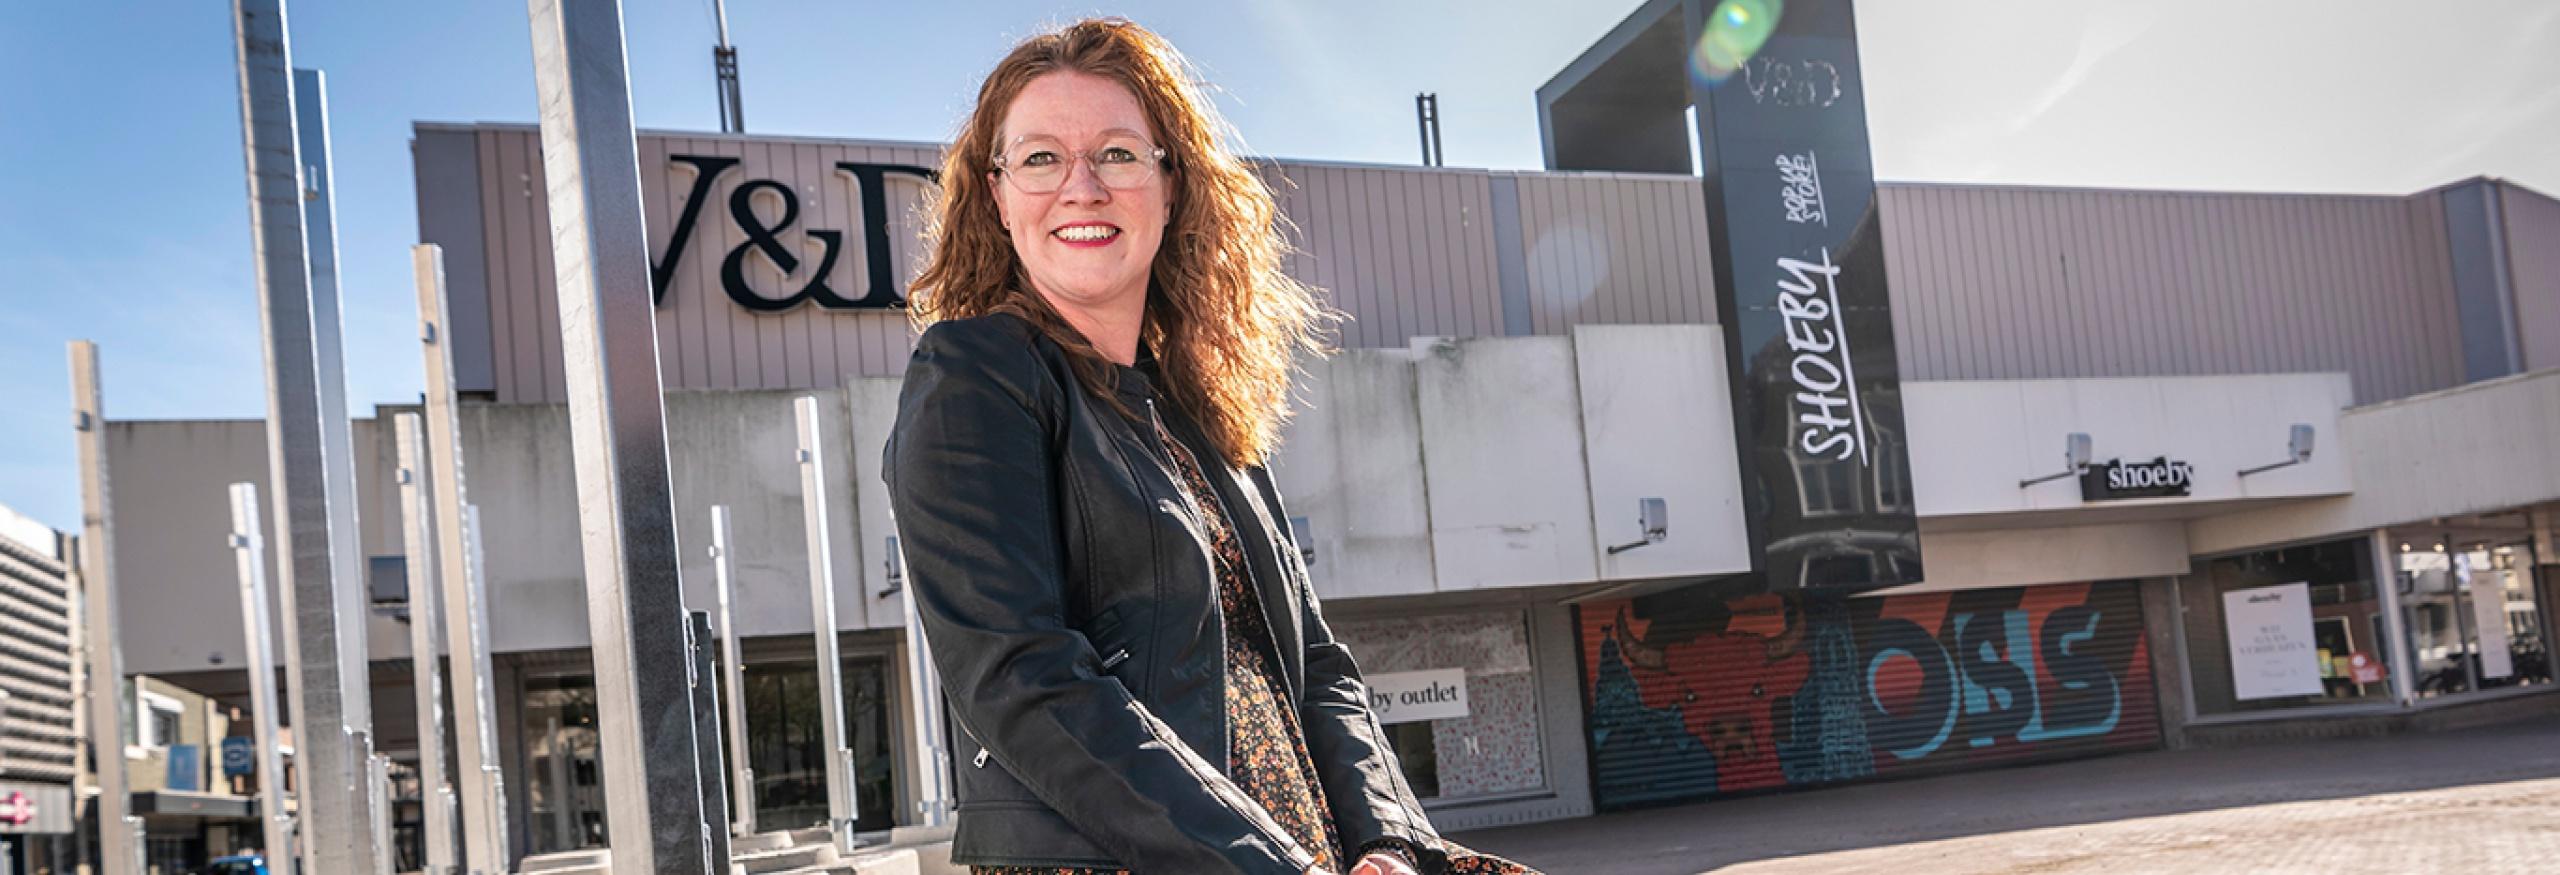 Heidi Oosterveen Makelaar bij Van der Krabben